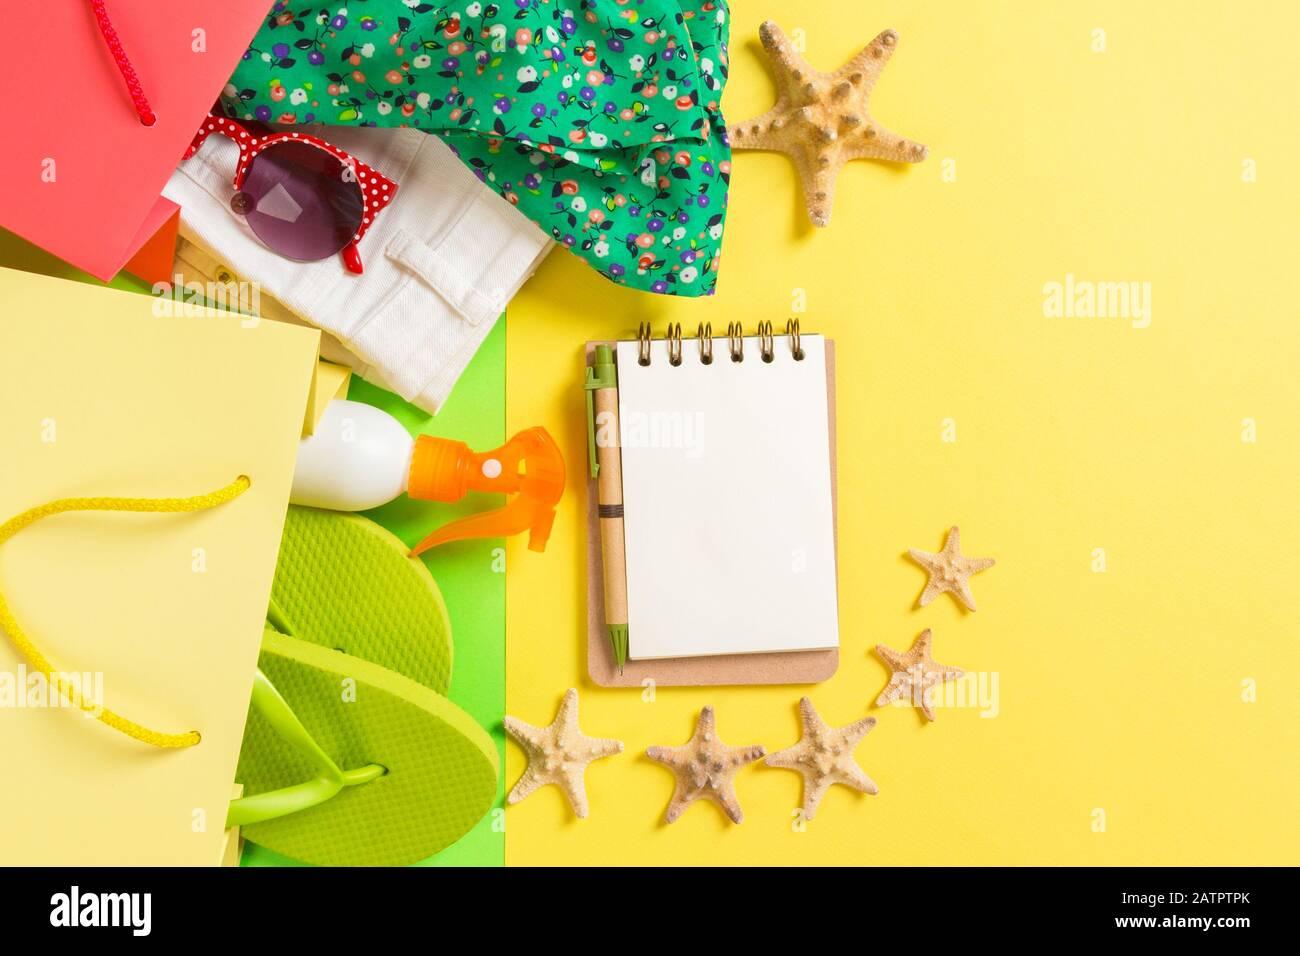 Concetto di estate di colorati negozi sacchi pieni di vestiti. Buste regalo con T-shirt, jeans corti, flip-flop, un notebook e una bottiglia di crema solare. Estate Foto Stock